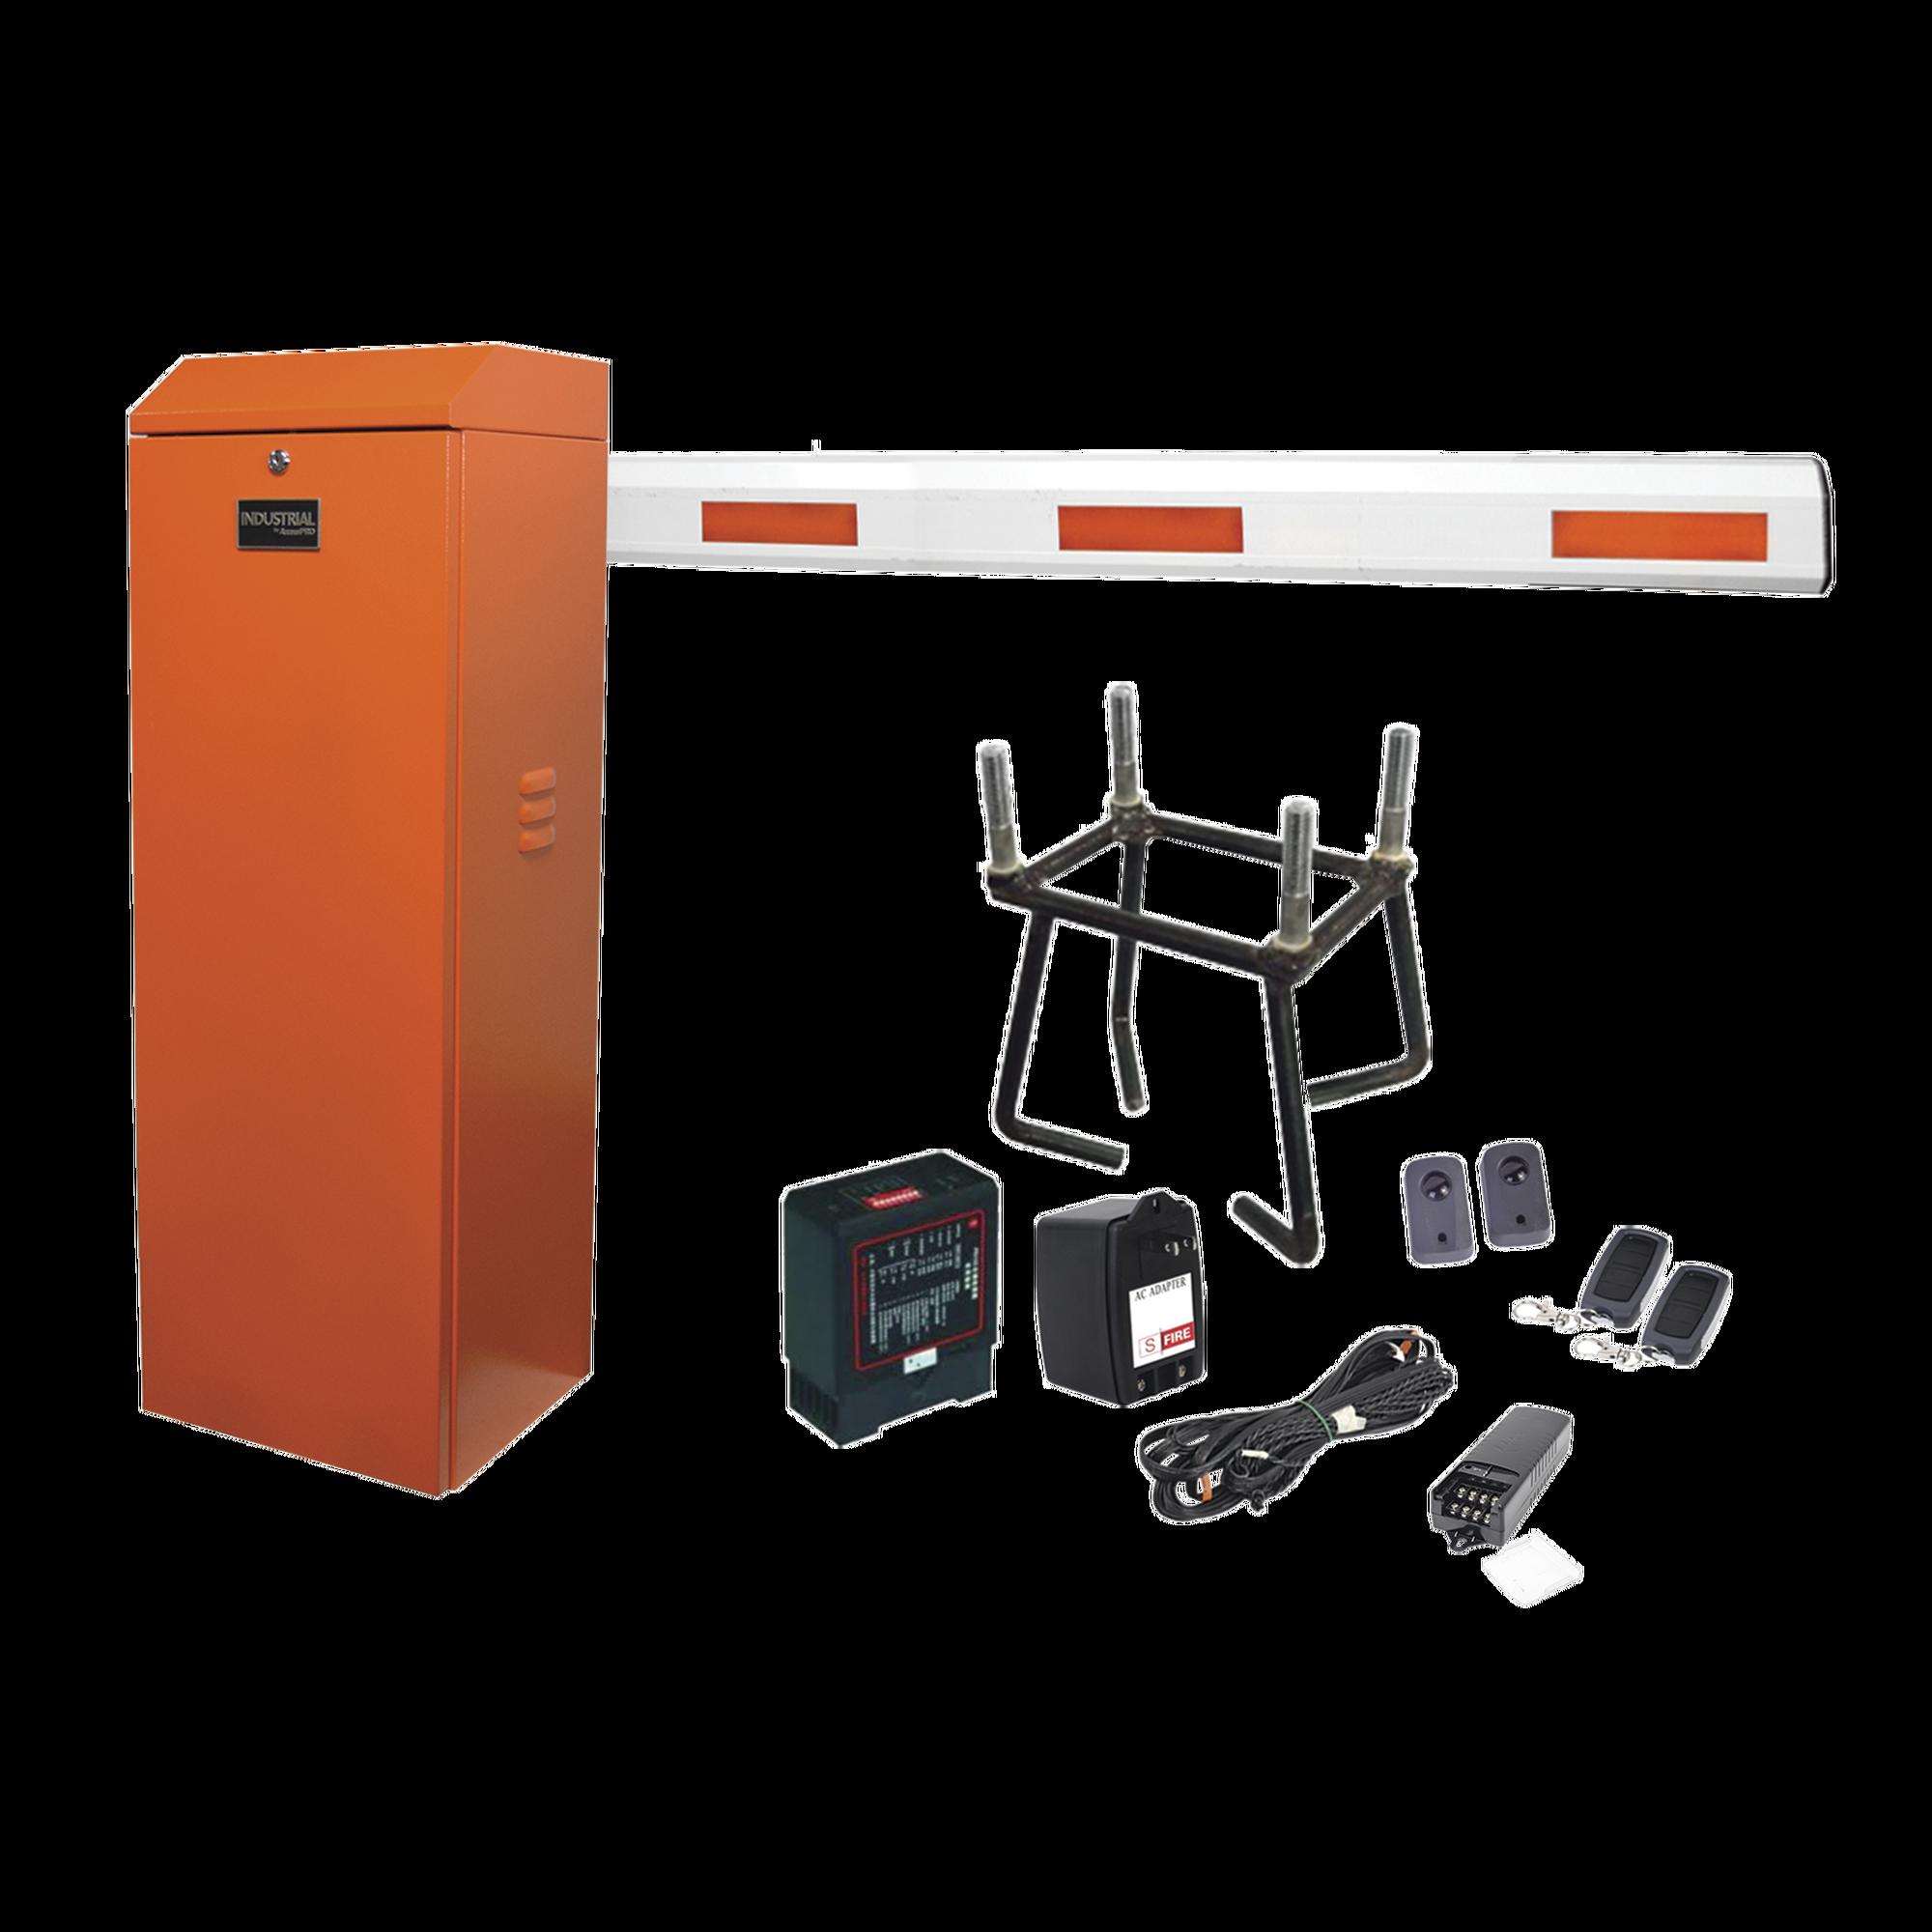 Kit COMPLETO Barrera Derecha XB ANARANJADA / 3M / Incluye Sensor de masa, Transformador, Lazo, Ancla, Fotoceldas y 2 Controles Inalámbricos